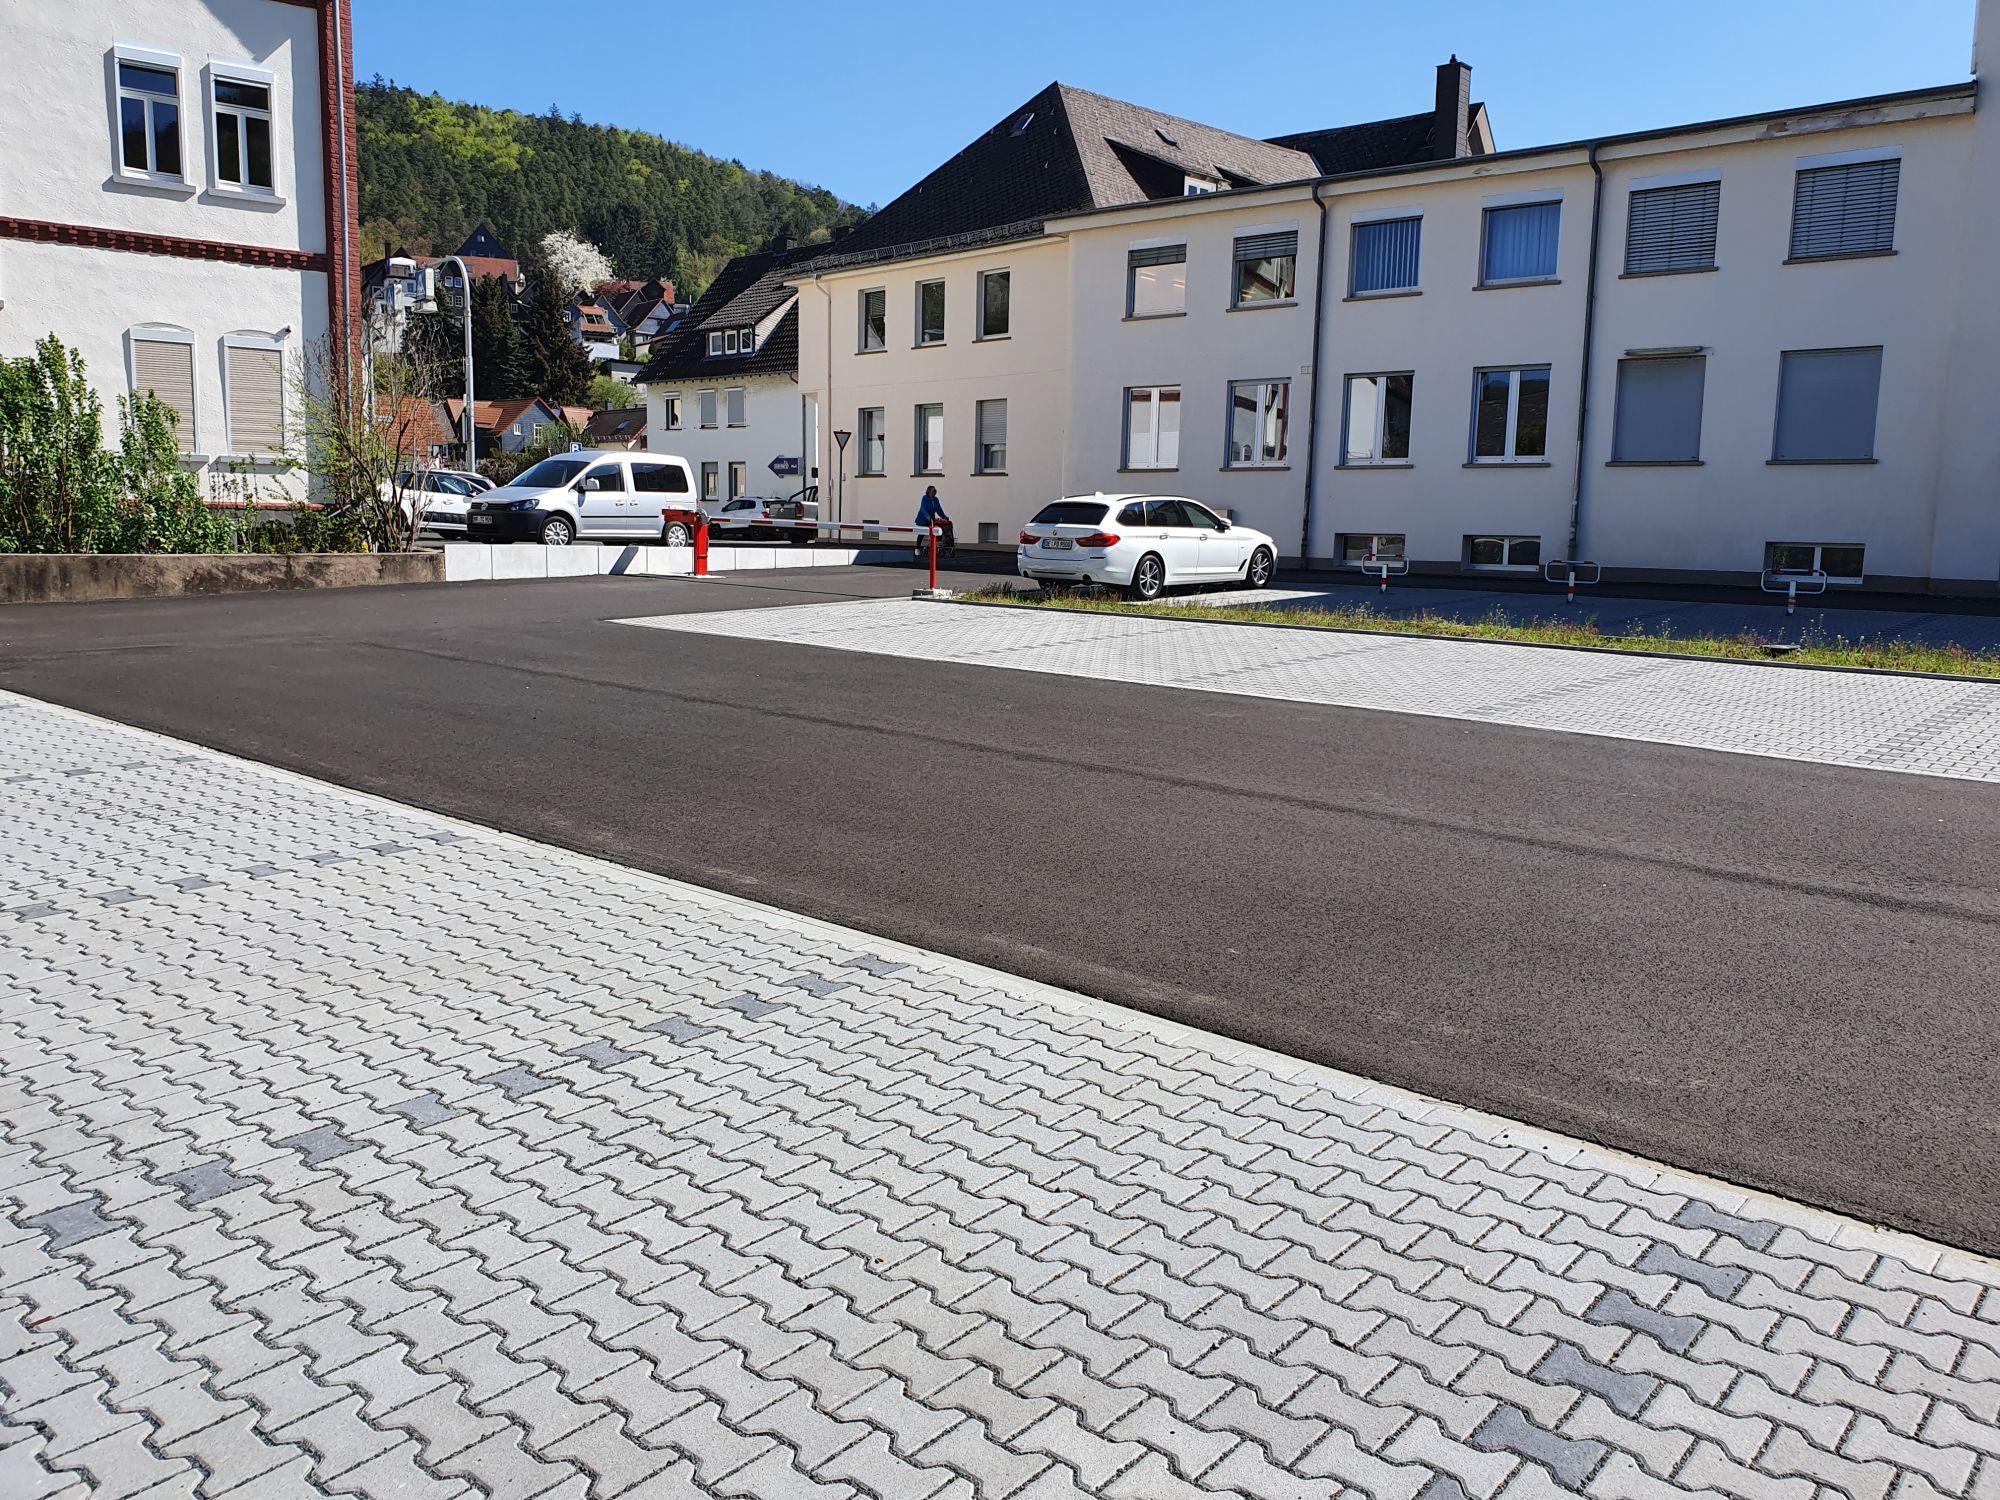 Breidenstein GmbH & Co. KG | 2019